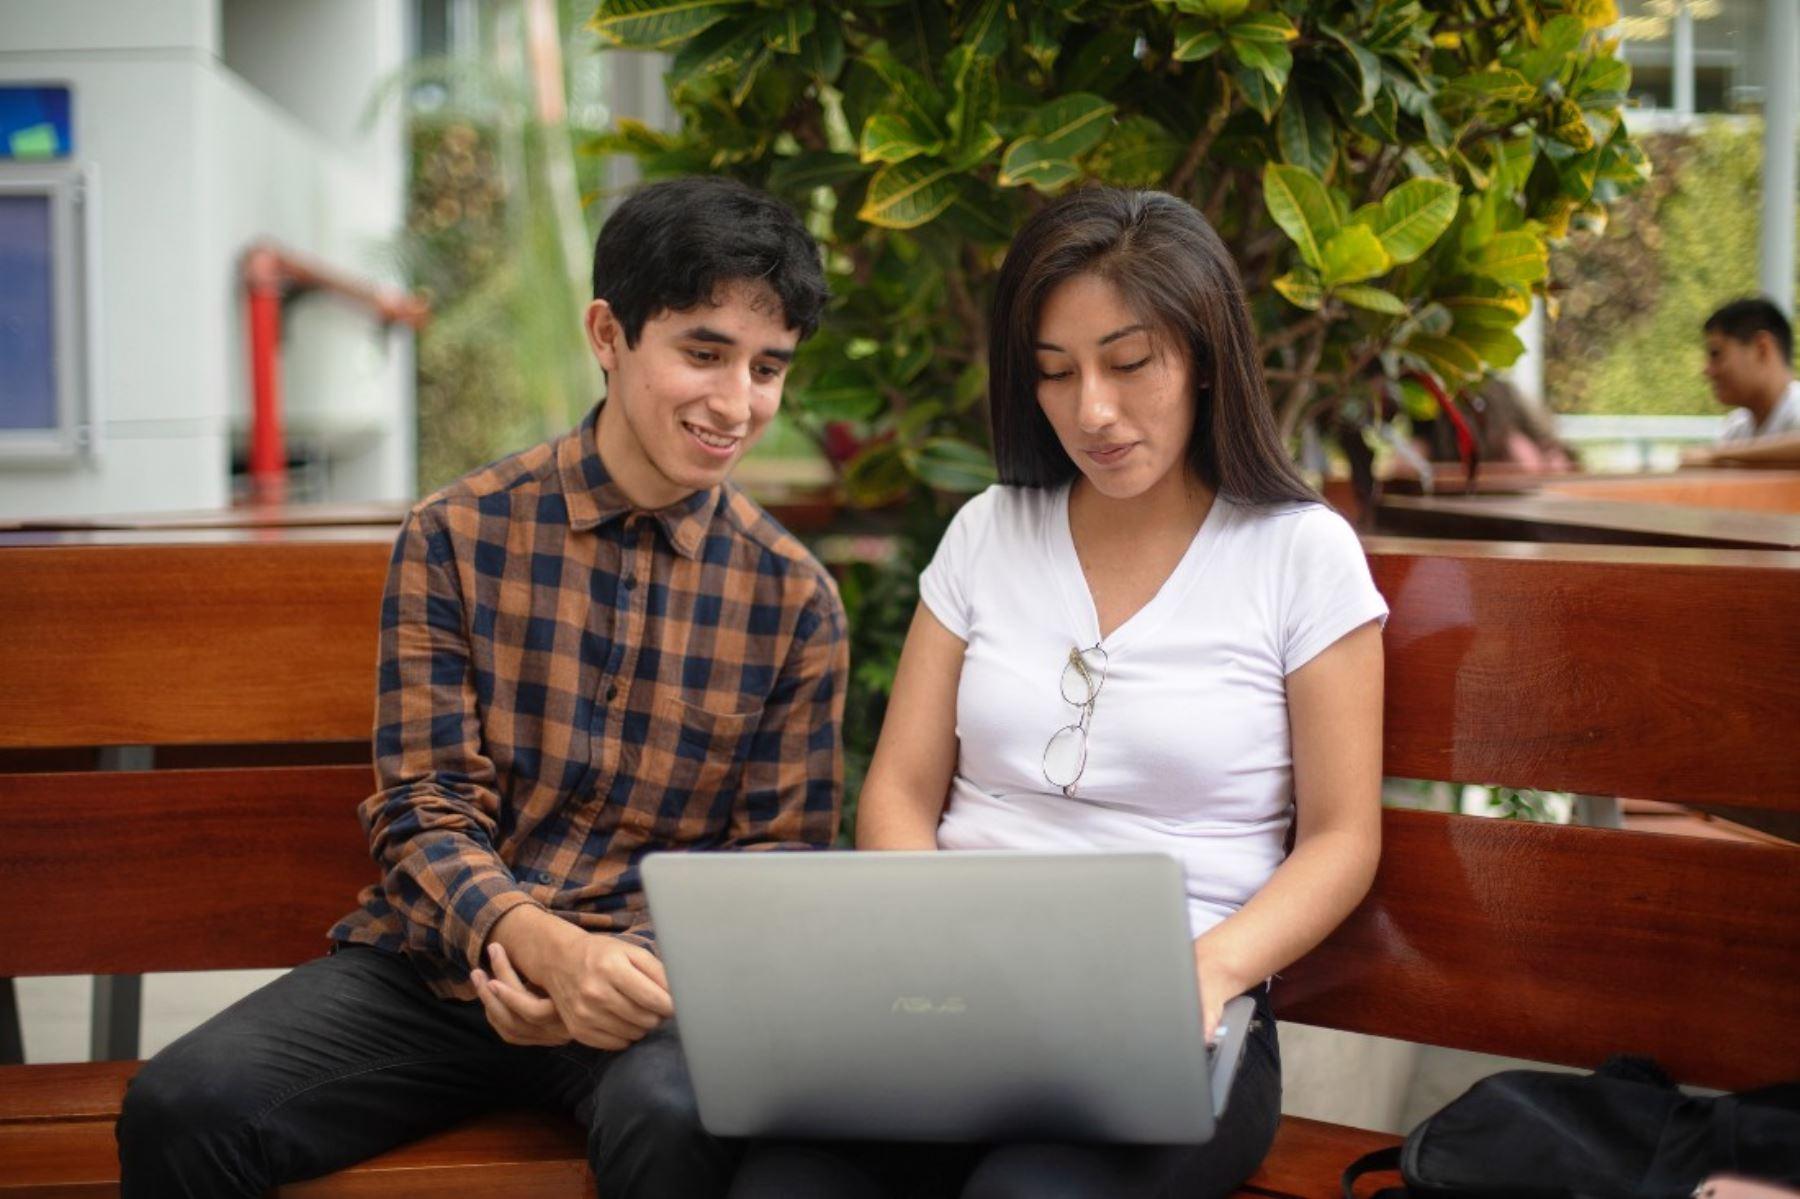 Las becas les permitirá llevar a cabo programas de estudio, formación y/o investigación en universidades italianas estatales o privadas.